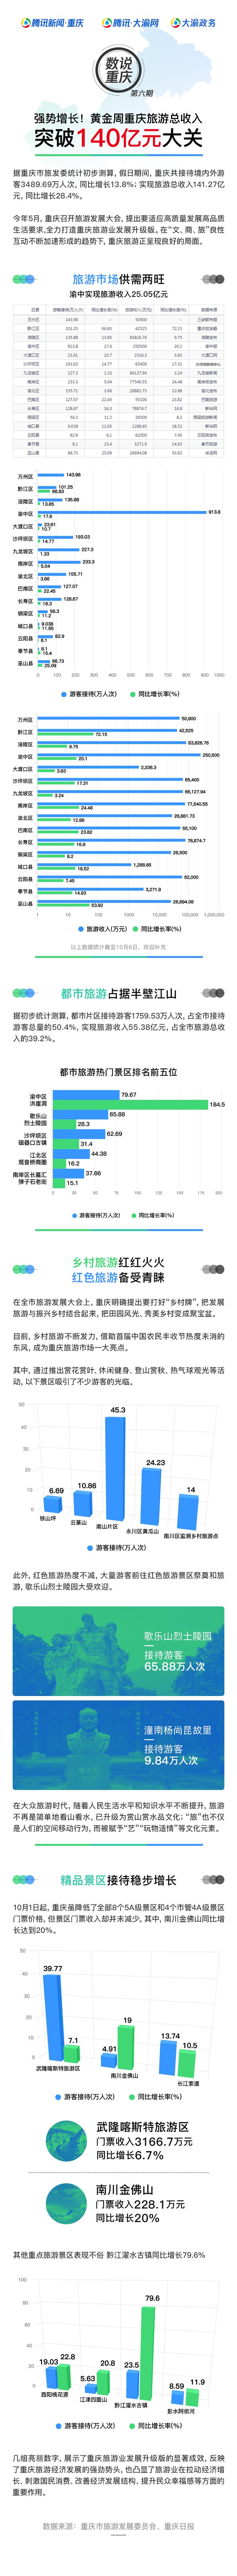 强势增长,黄金周重庆旅游总收入突破140亿元!